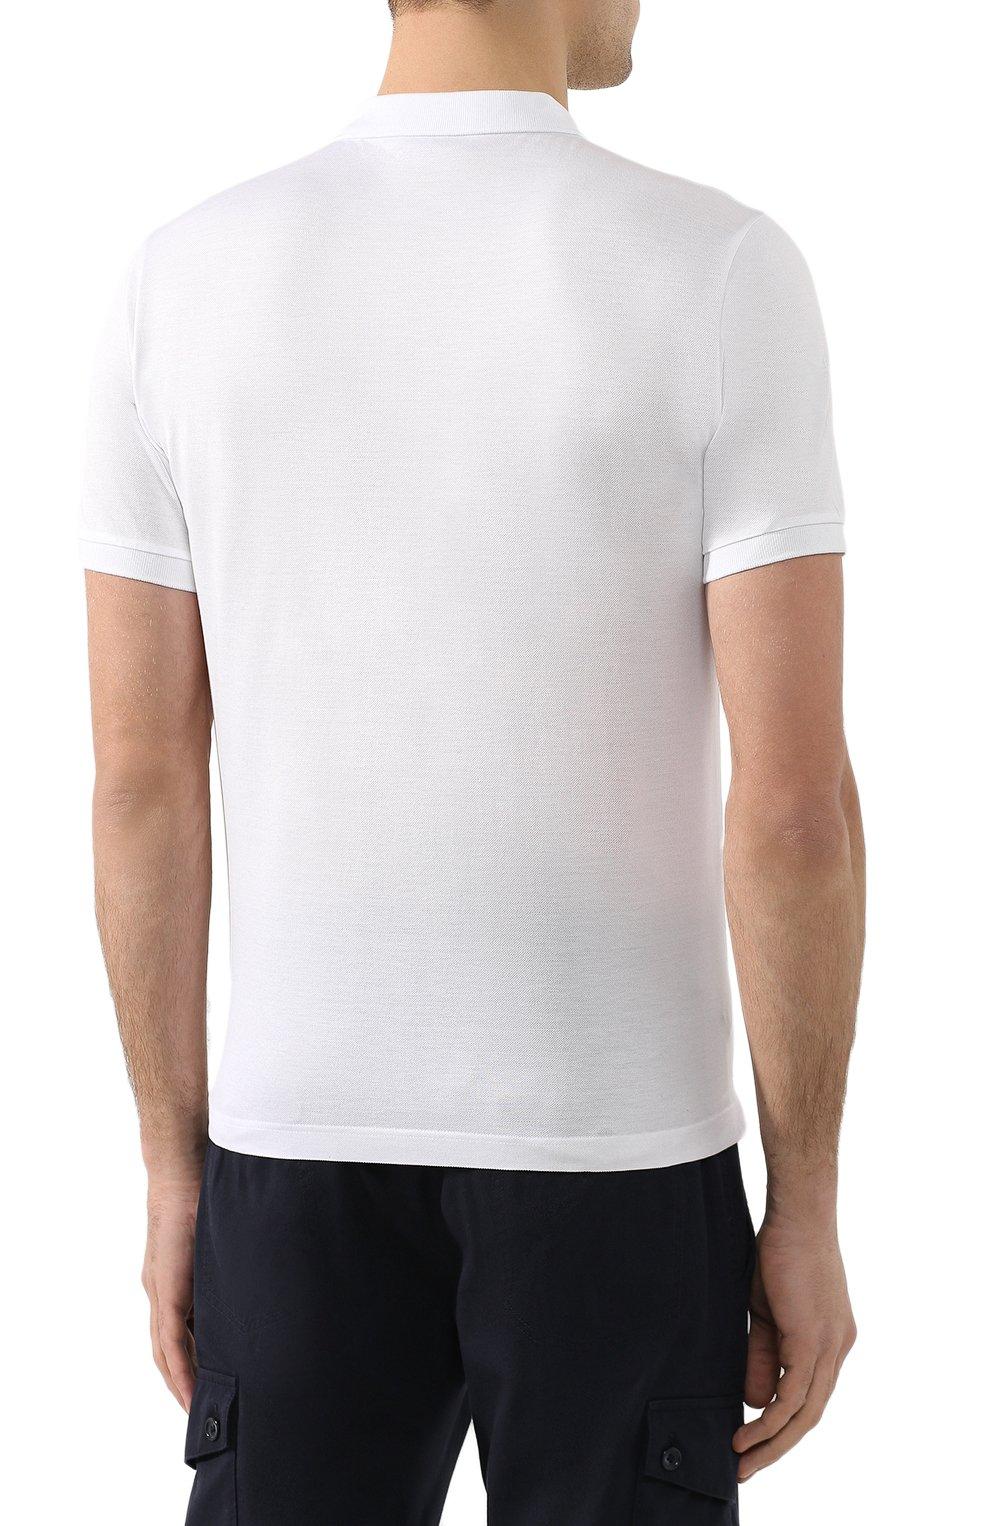 Мужское хлопковое поло BOTTEGA VENETA белого цвета, арт. 599677/VK090   Фото 4 (Застежка: Пуговицы; Рукава: Короткие; Длина (для топов): Стандартные; Материал внешний: Хлопок)